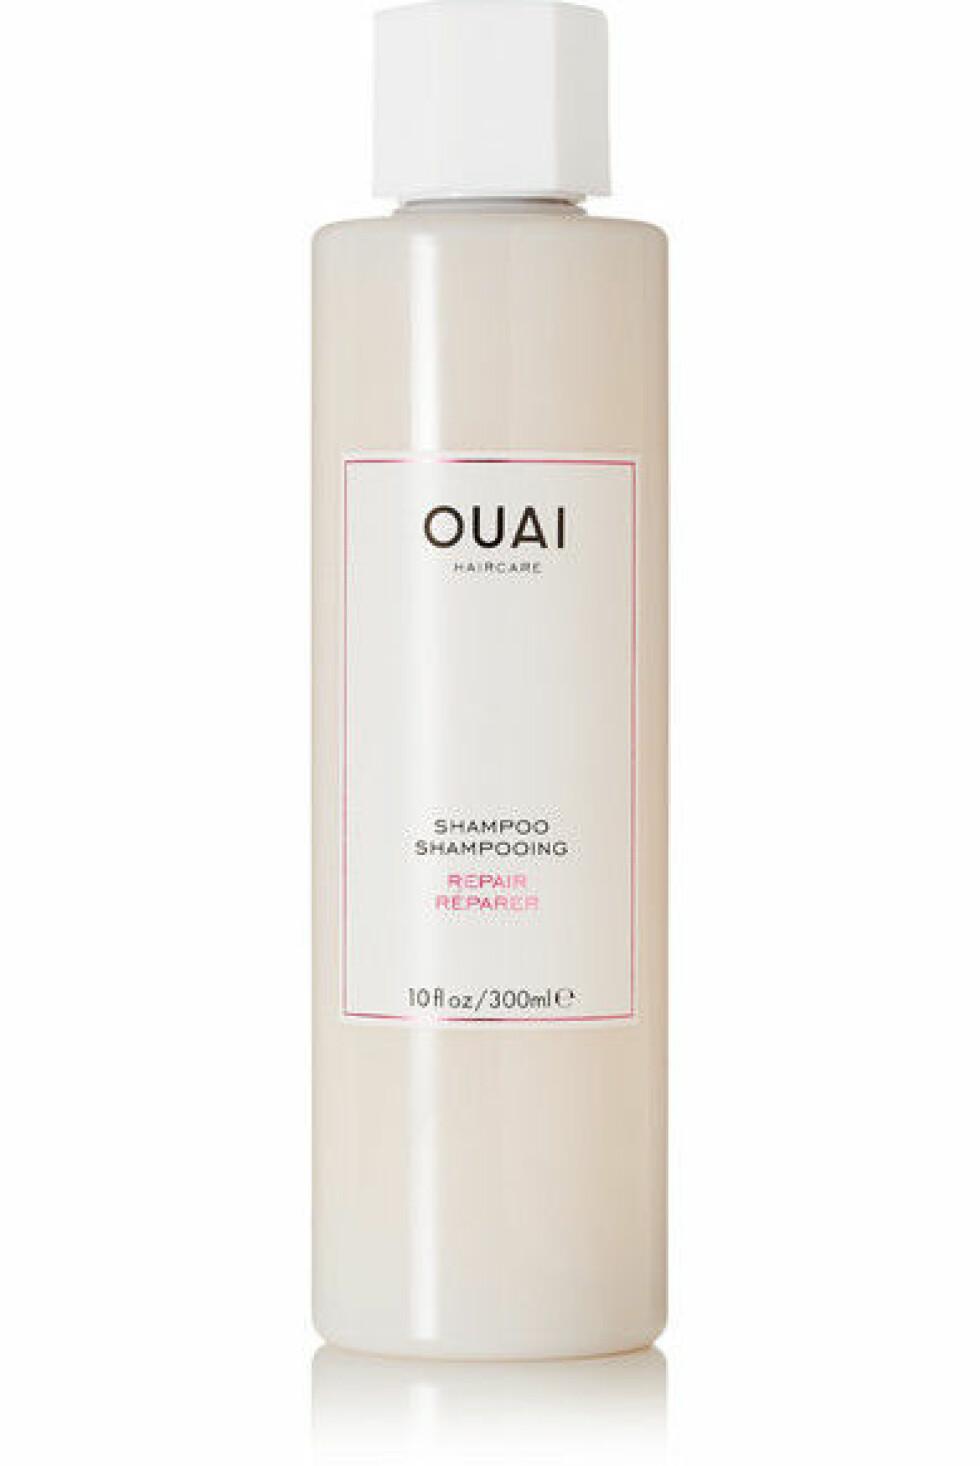 Sjampo fra Ouai |290,-|https://www.net-a-porter.com/no/en/product/766634/Ouai_Haircare/repair-shampoo-300ml